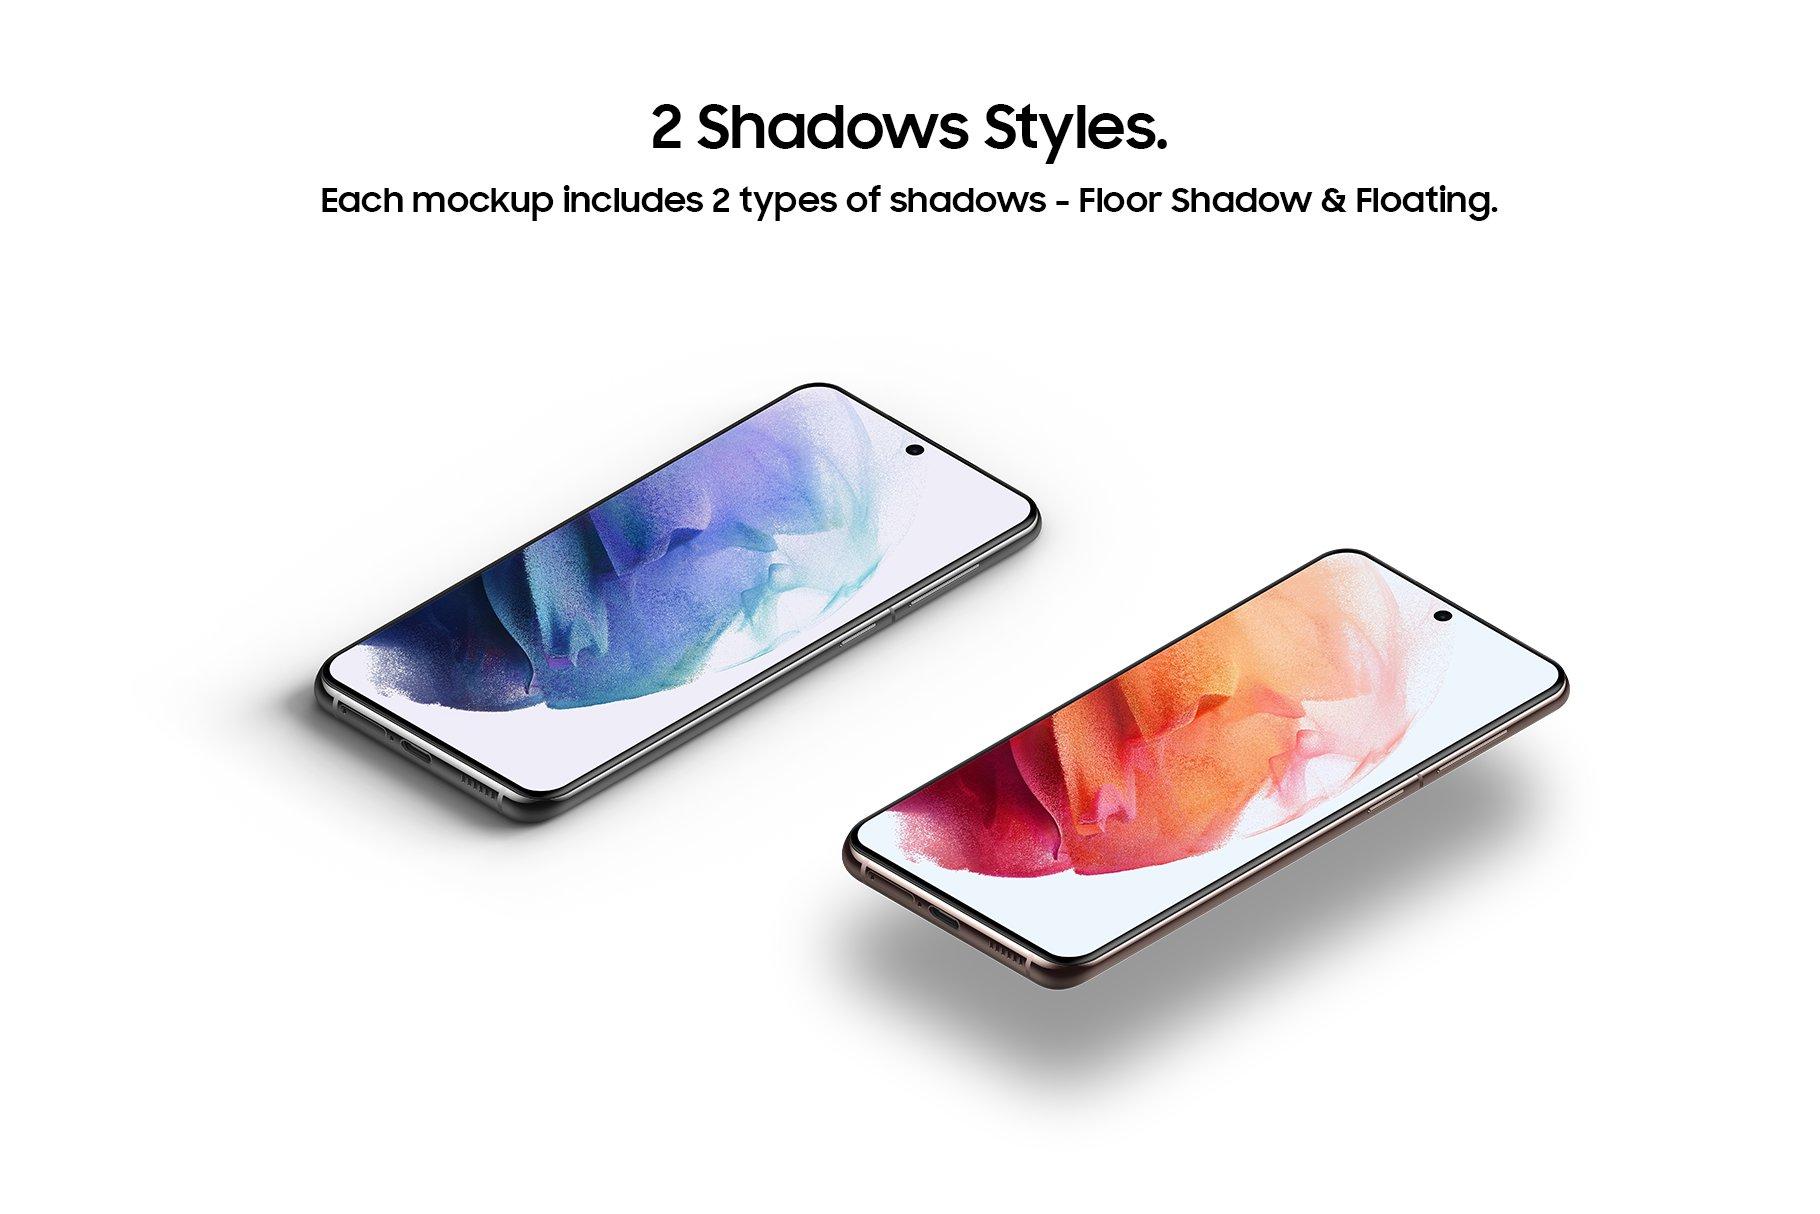 [单独购买] 20款三星Galaxy S21手机网站APP界面设计演示样机模板套件 Galaxy S21 – 20 Mockups Scenes插图11